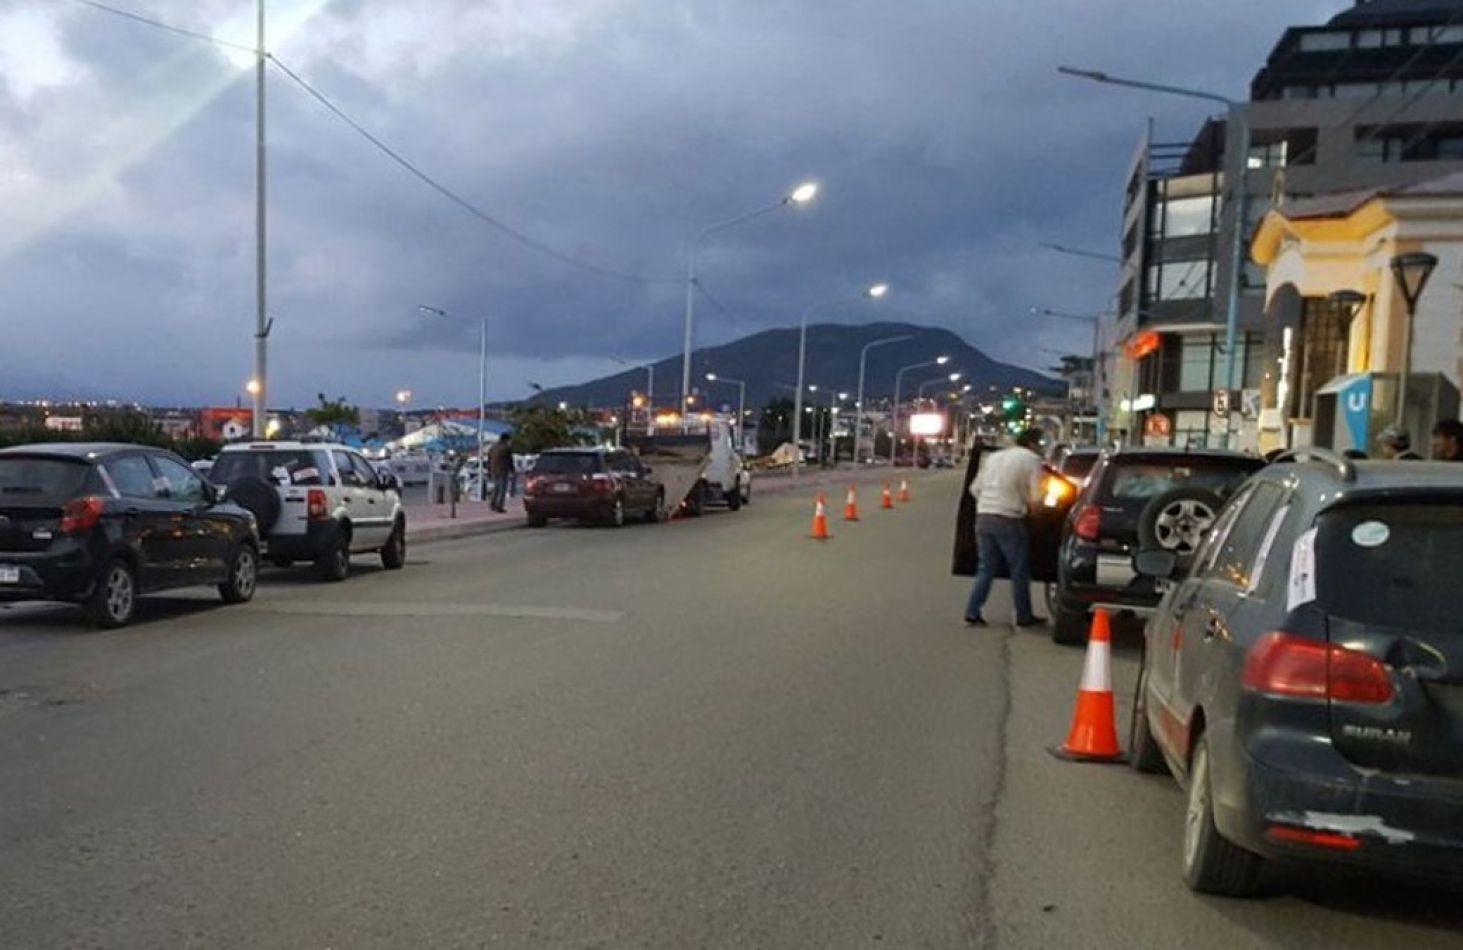 Alarma la cantidad de infracciones de Tránsito en Ushuaia